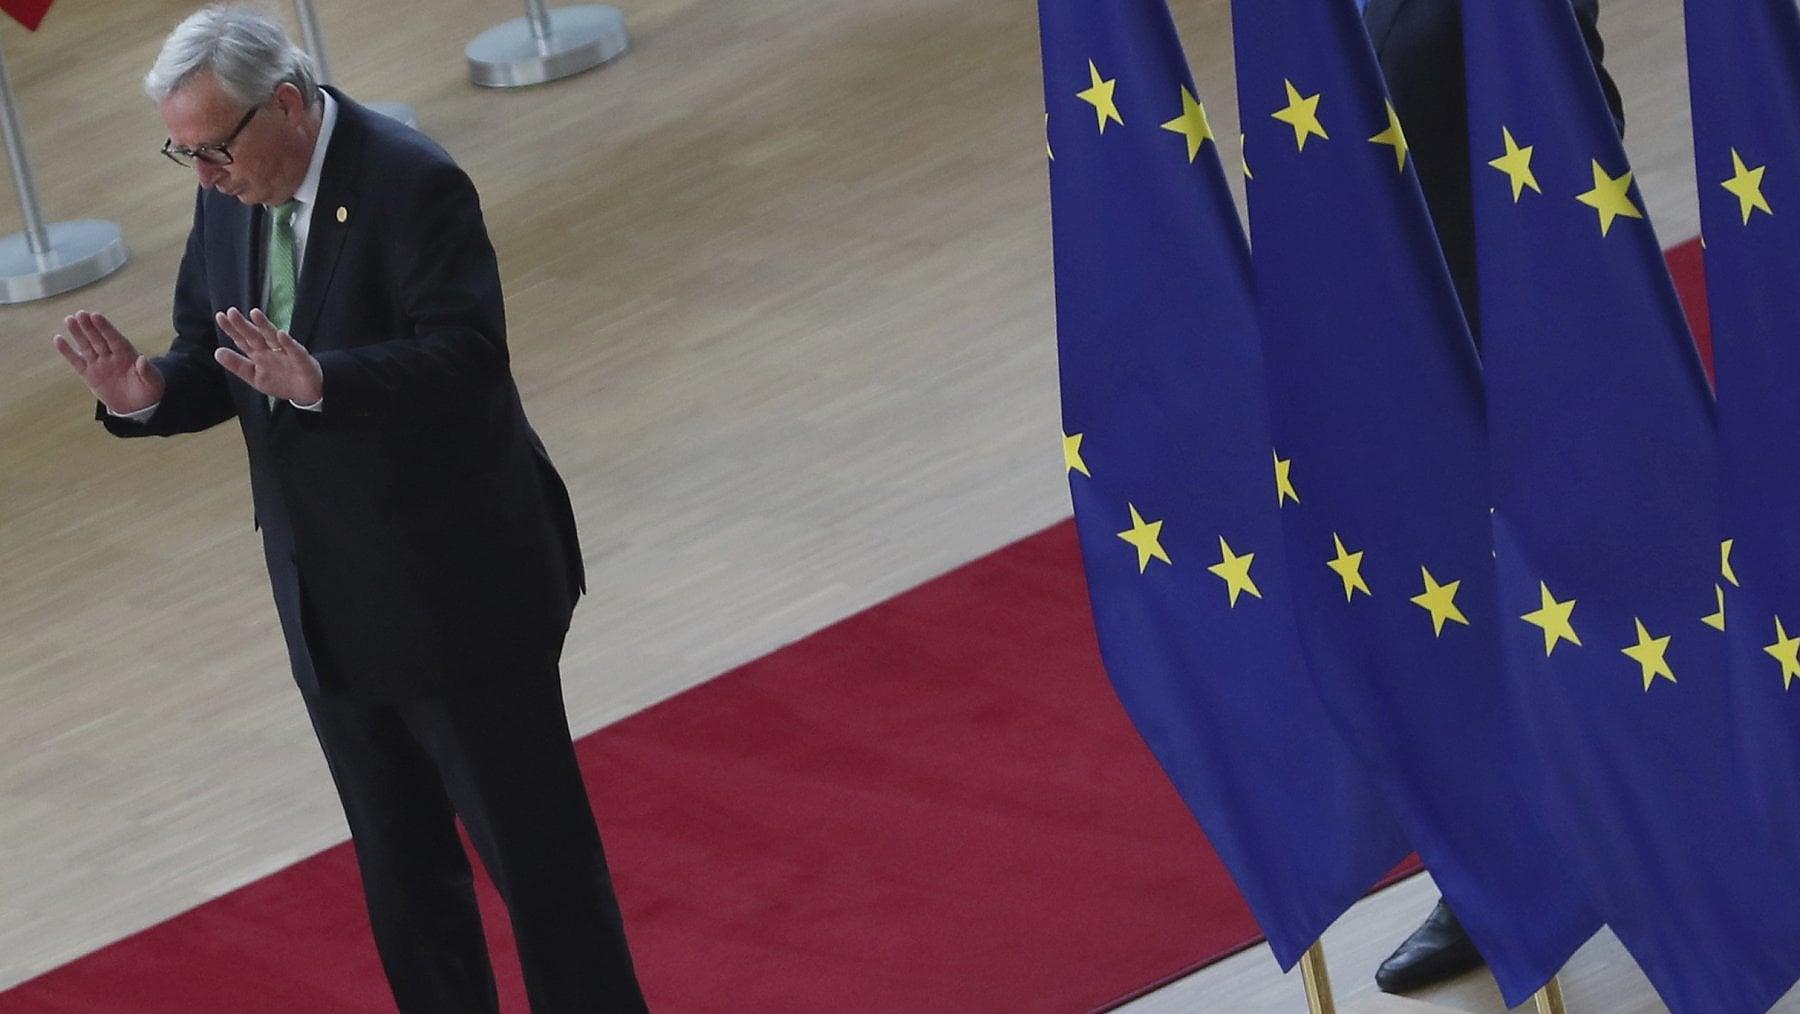 """225218630 af19bacc 9e4c 4d90 8d6d 9be85348e0b7 - Polonia, Jean-Claude Juncker: """"La sentenza della Corte è un attentato contro l'Ue"""""""